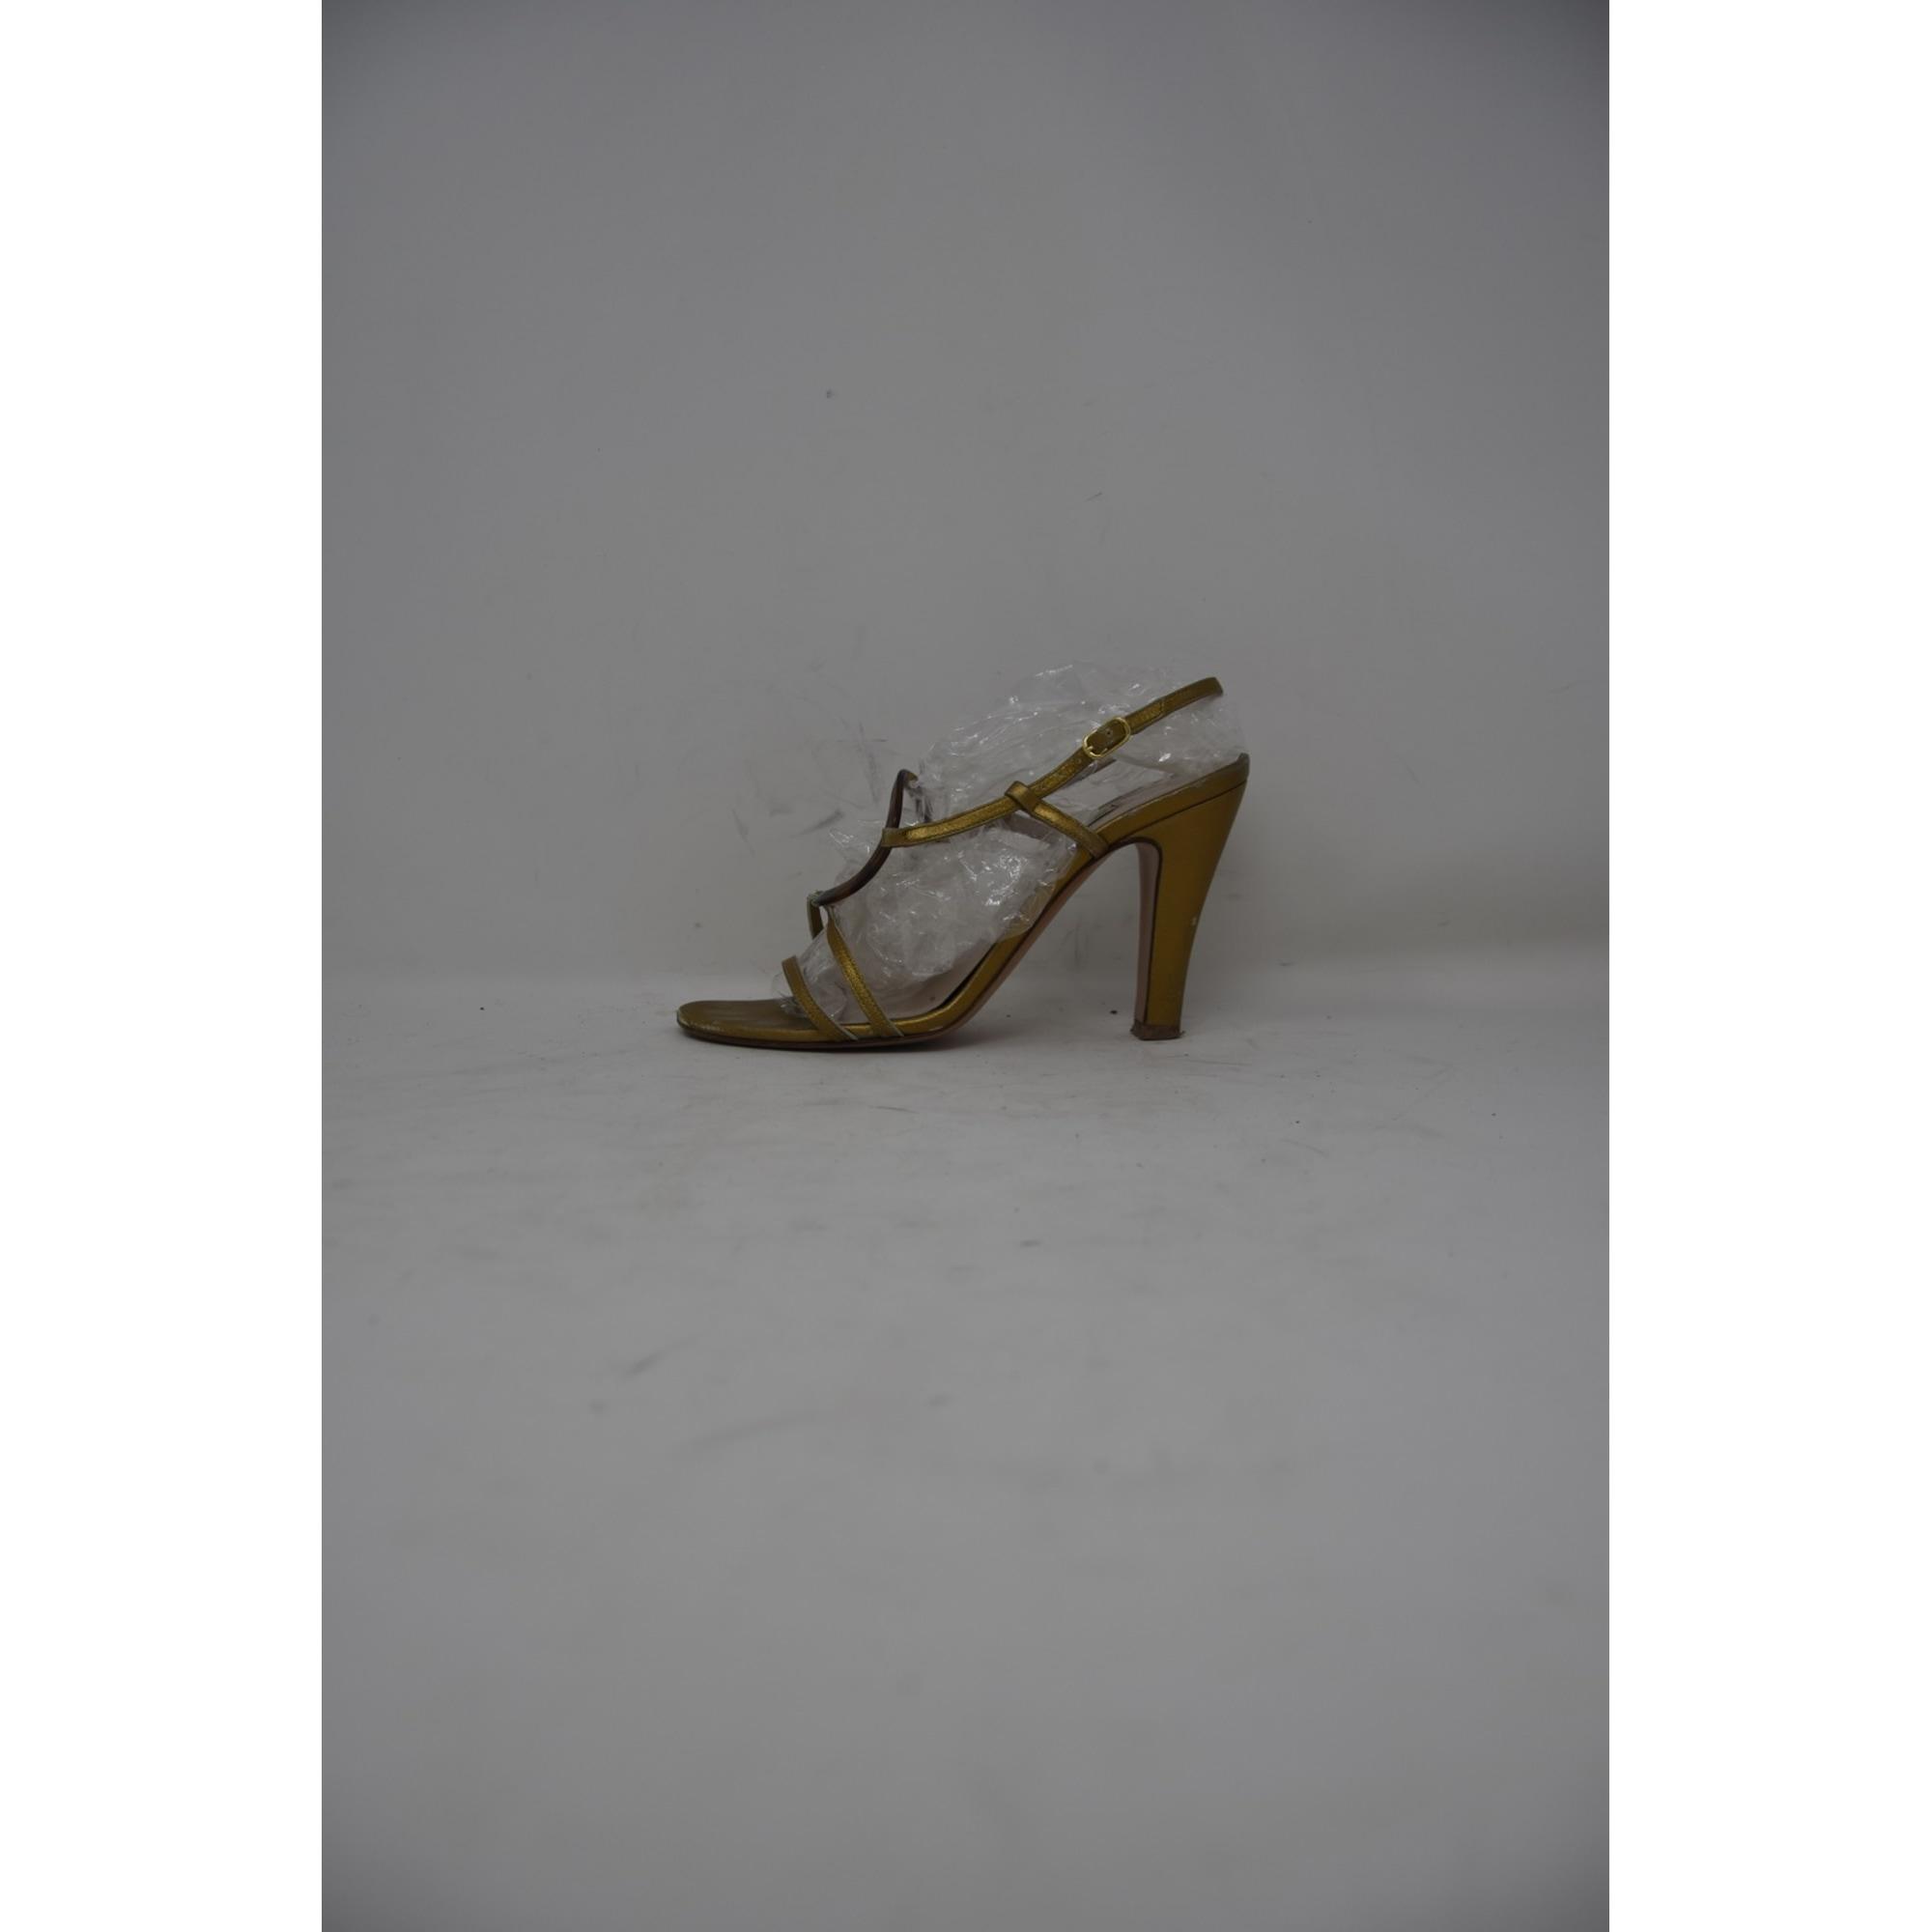 Sandales à talons L'AUTRE CHOSE Doré, bronze, cuivre